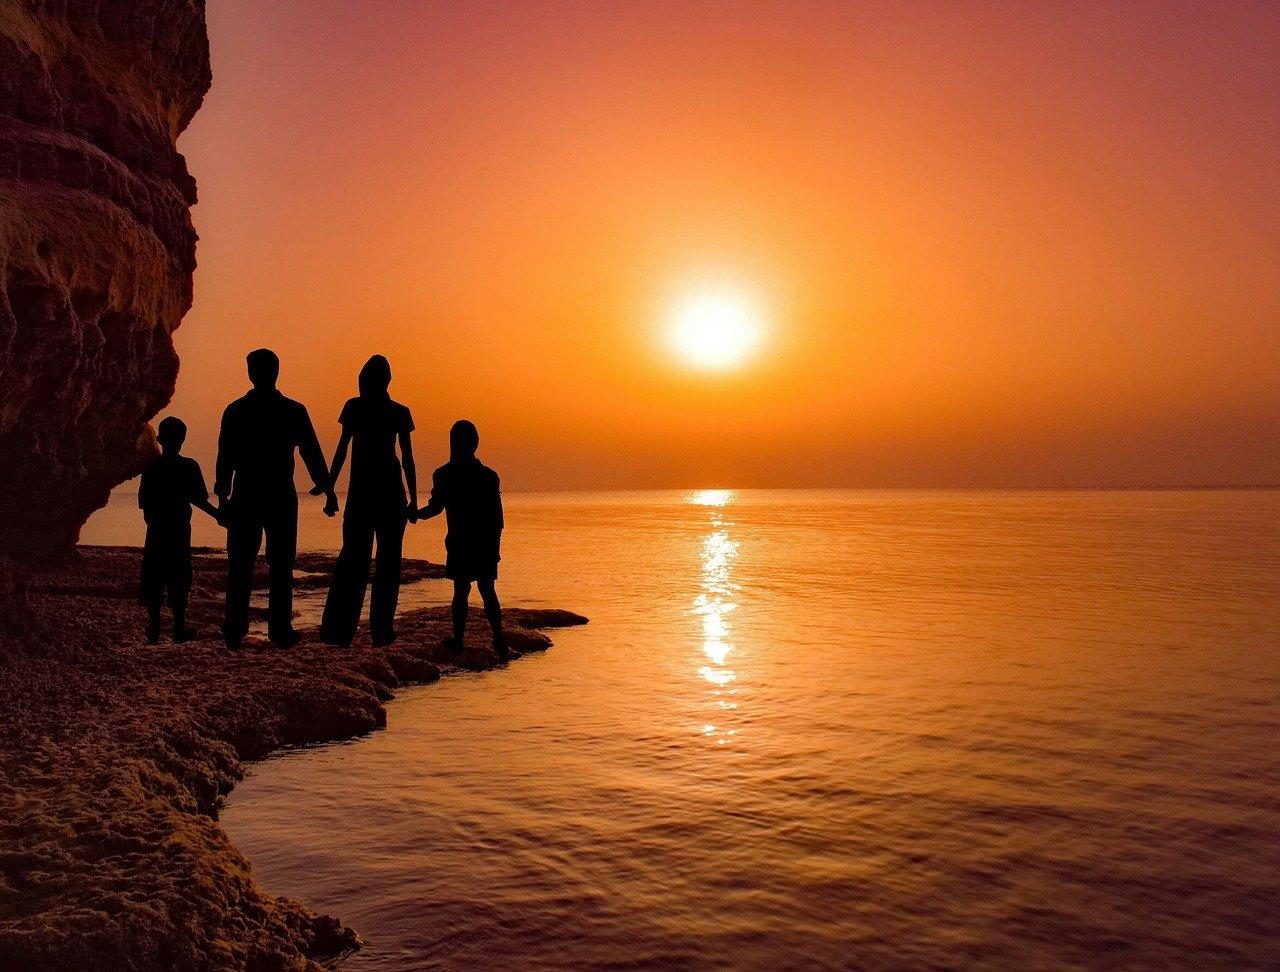 Кипр намеревается выйти из кризиса с помощью «золотых паспортов»